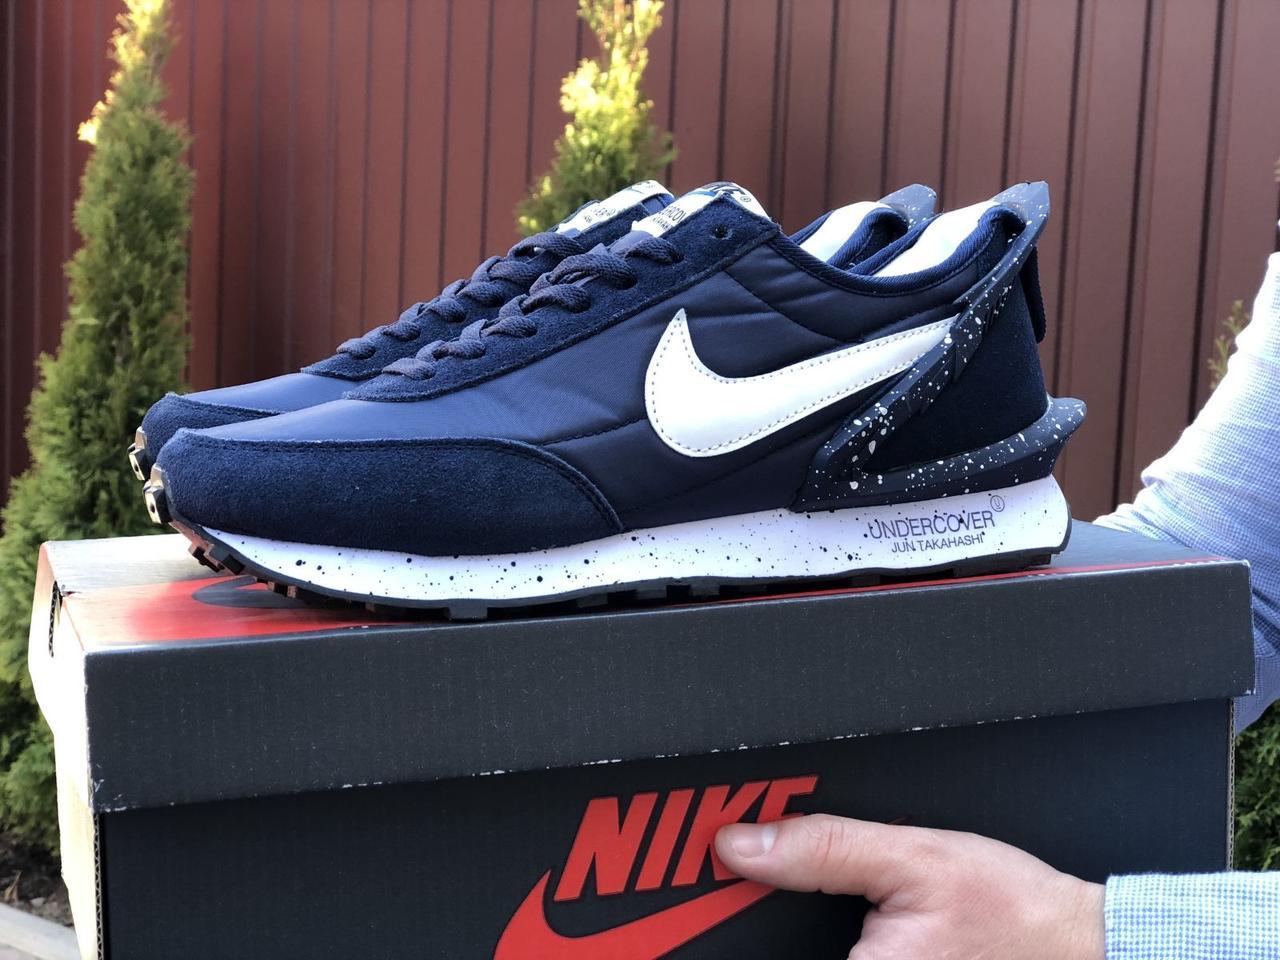 Кроссовки мужские Nike Undercover Jun Takahashi темно-синие